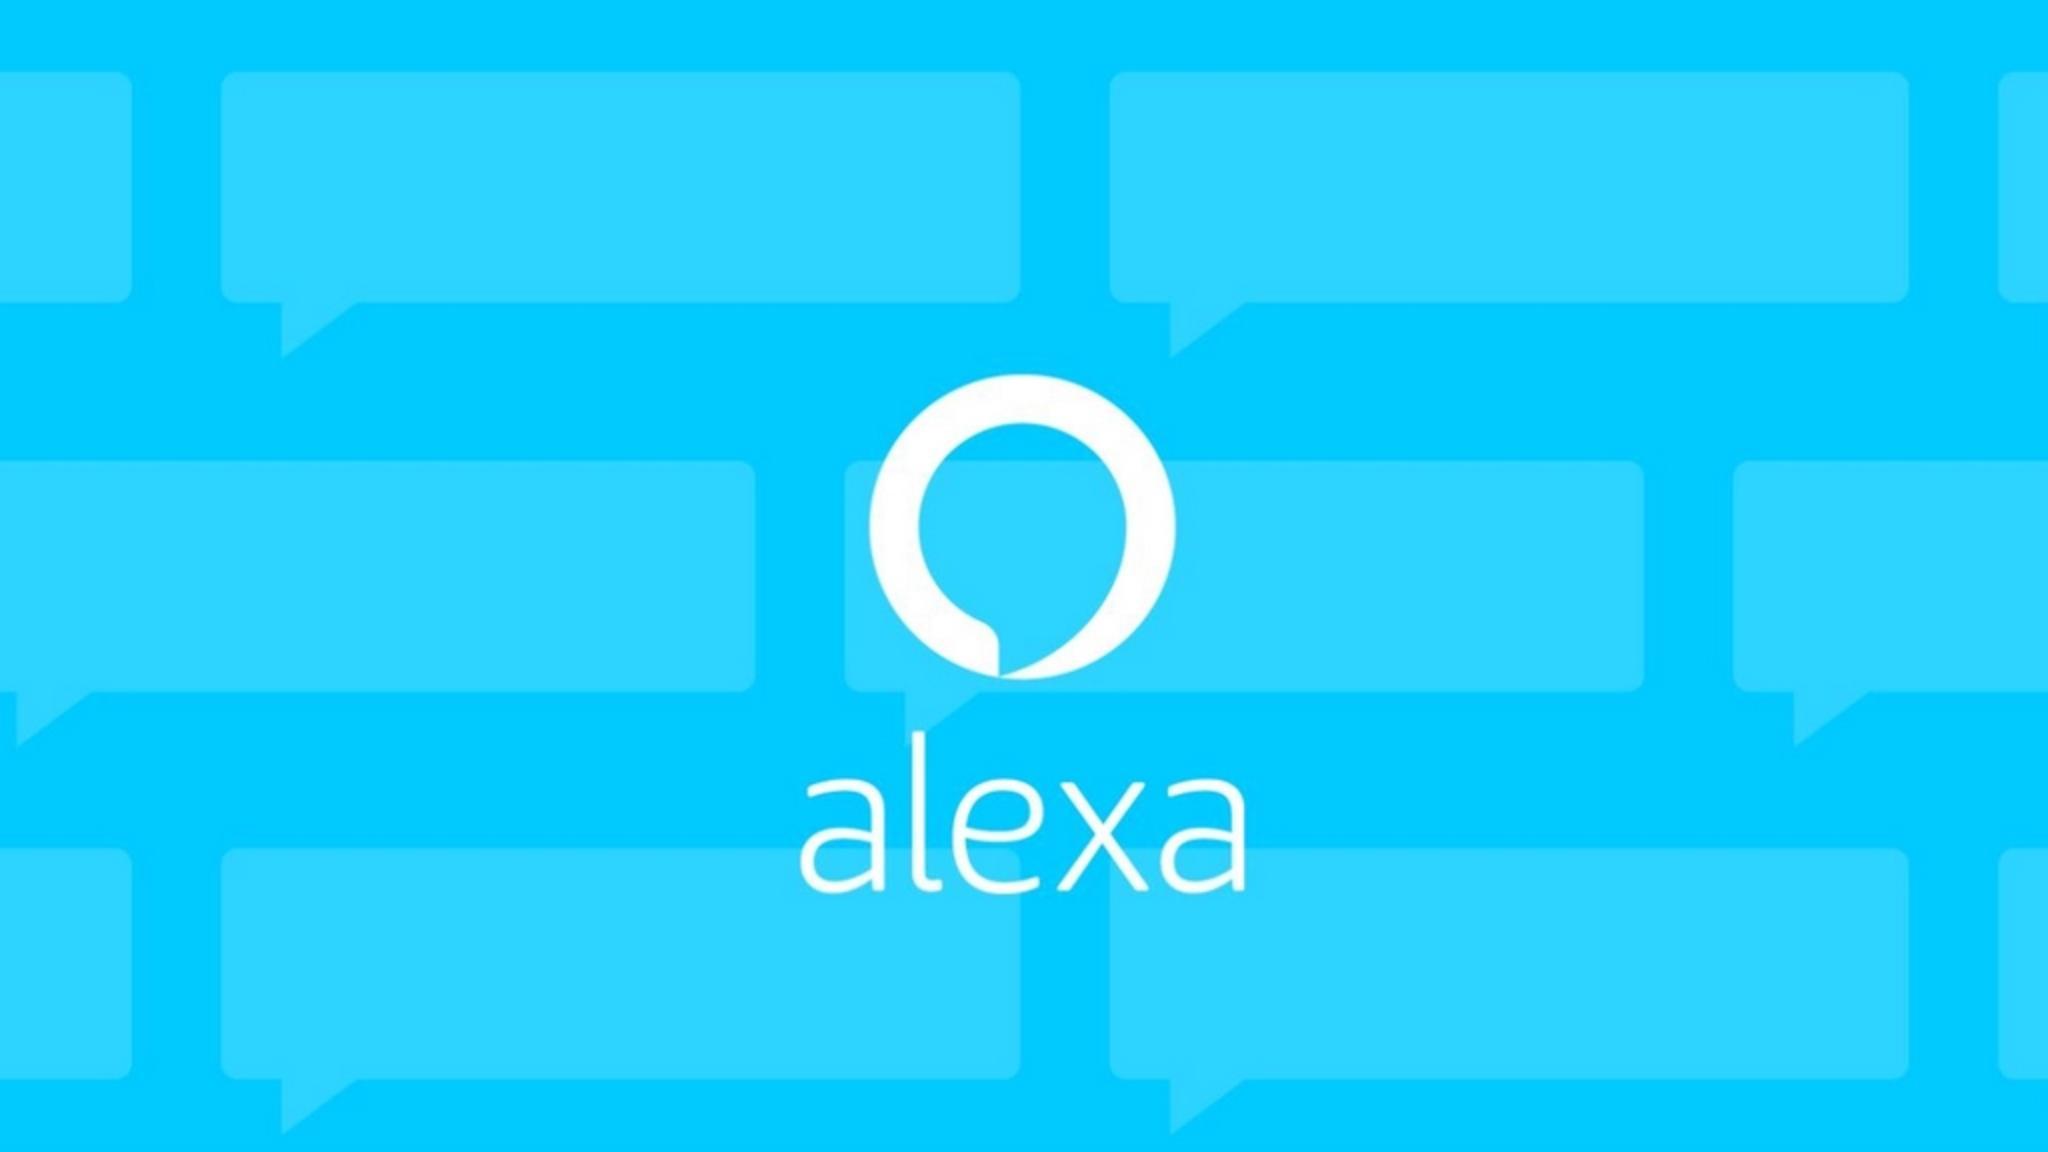 Alexa erhält in Windows 10 mehr Möglichkeiten.